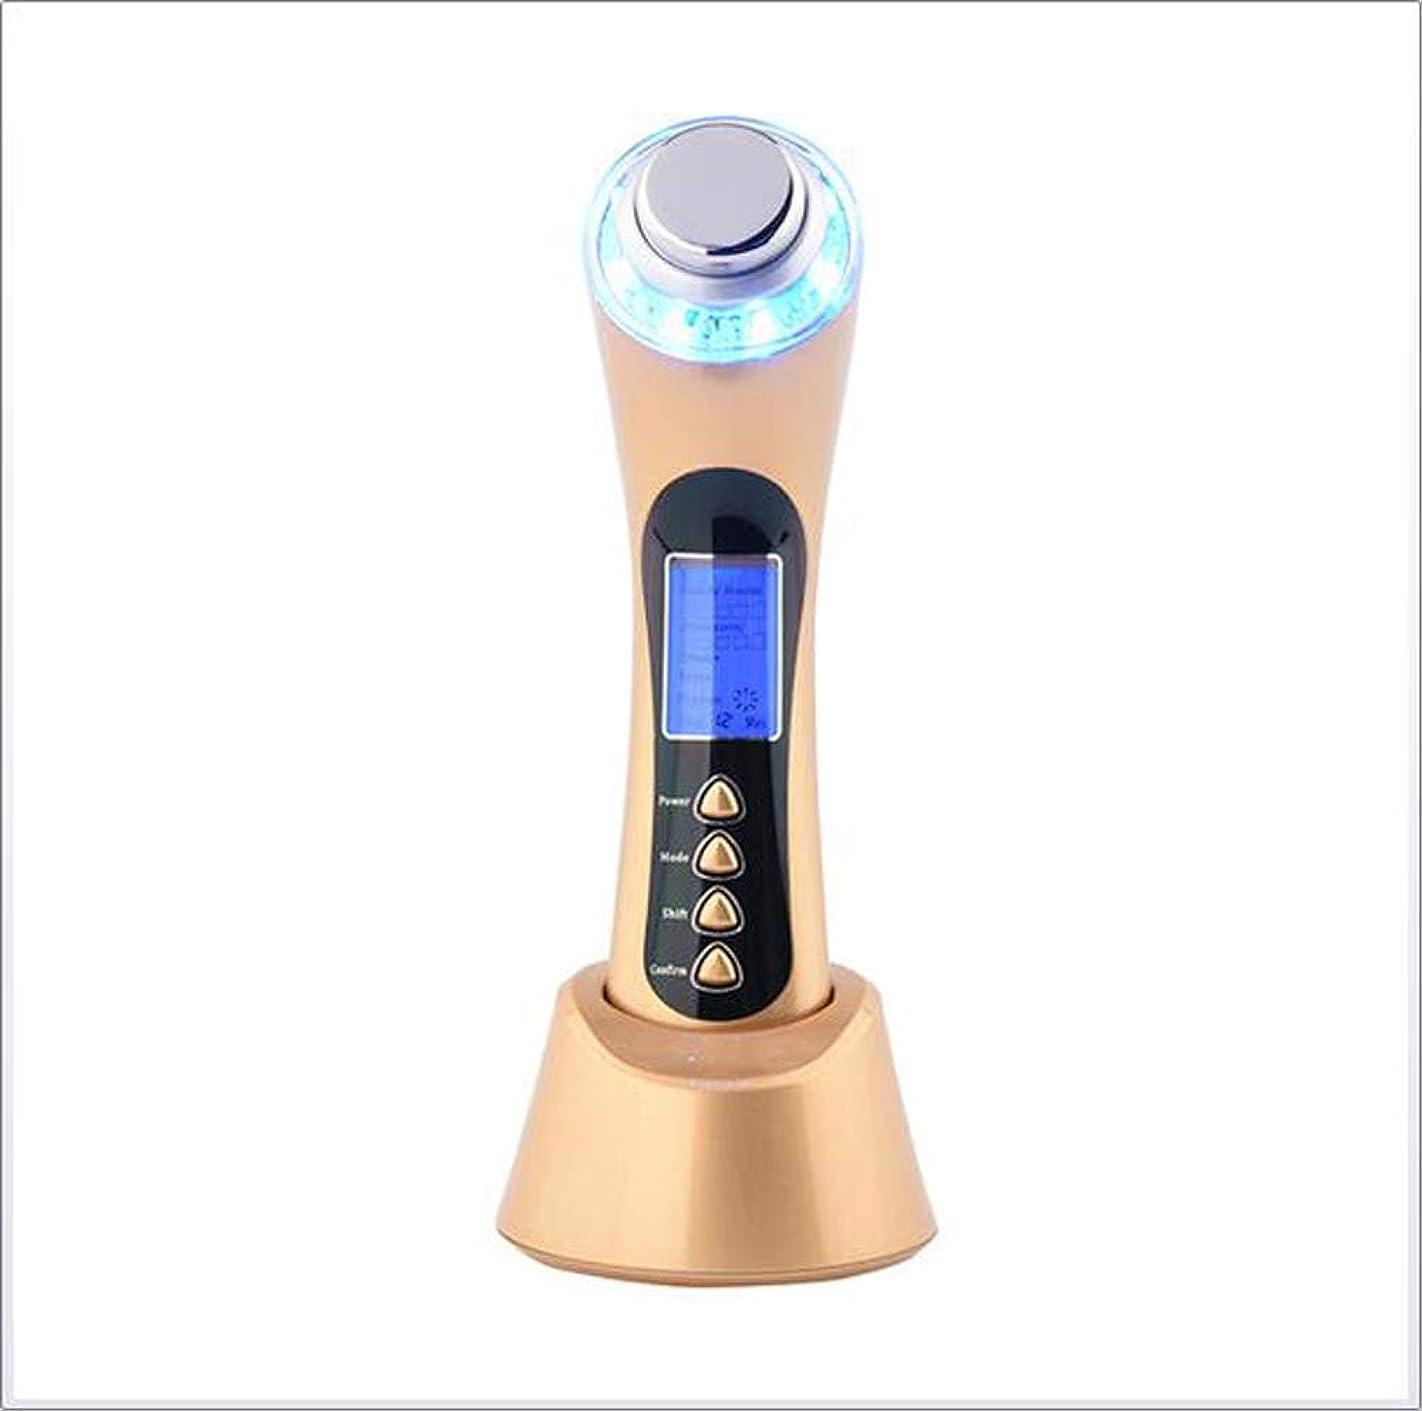 財団側ドルしわ機械RF美の反老化の反アクネの顔の引き締まる美機械,金